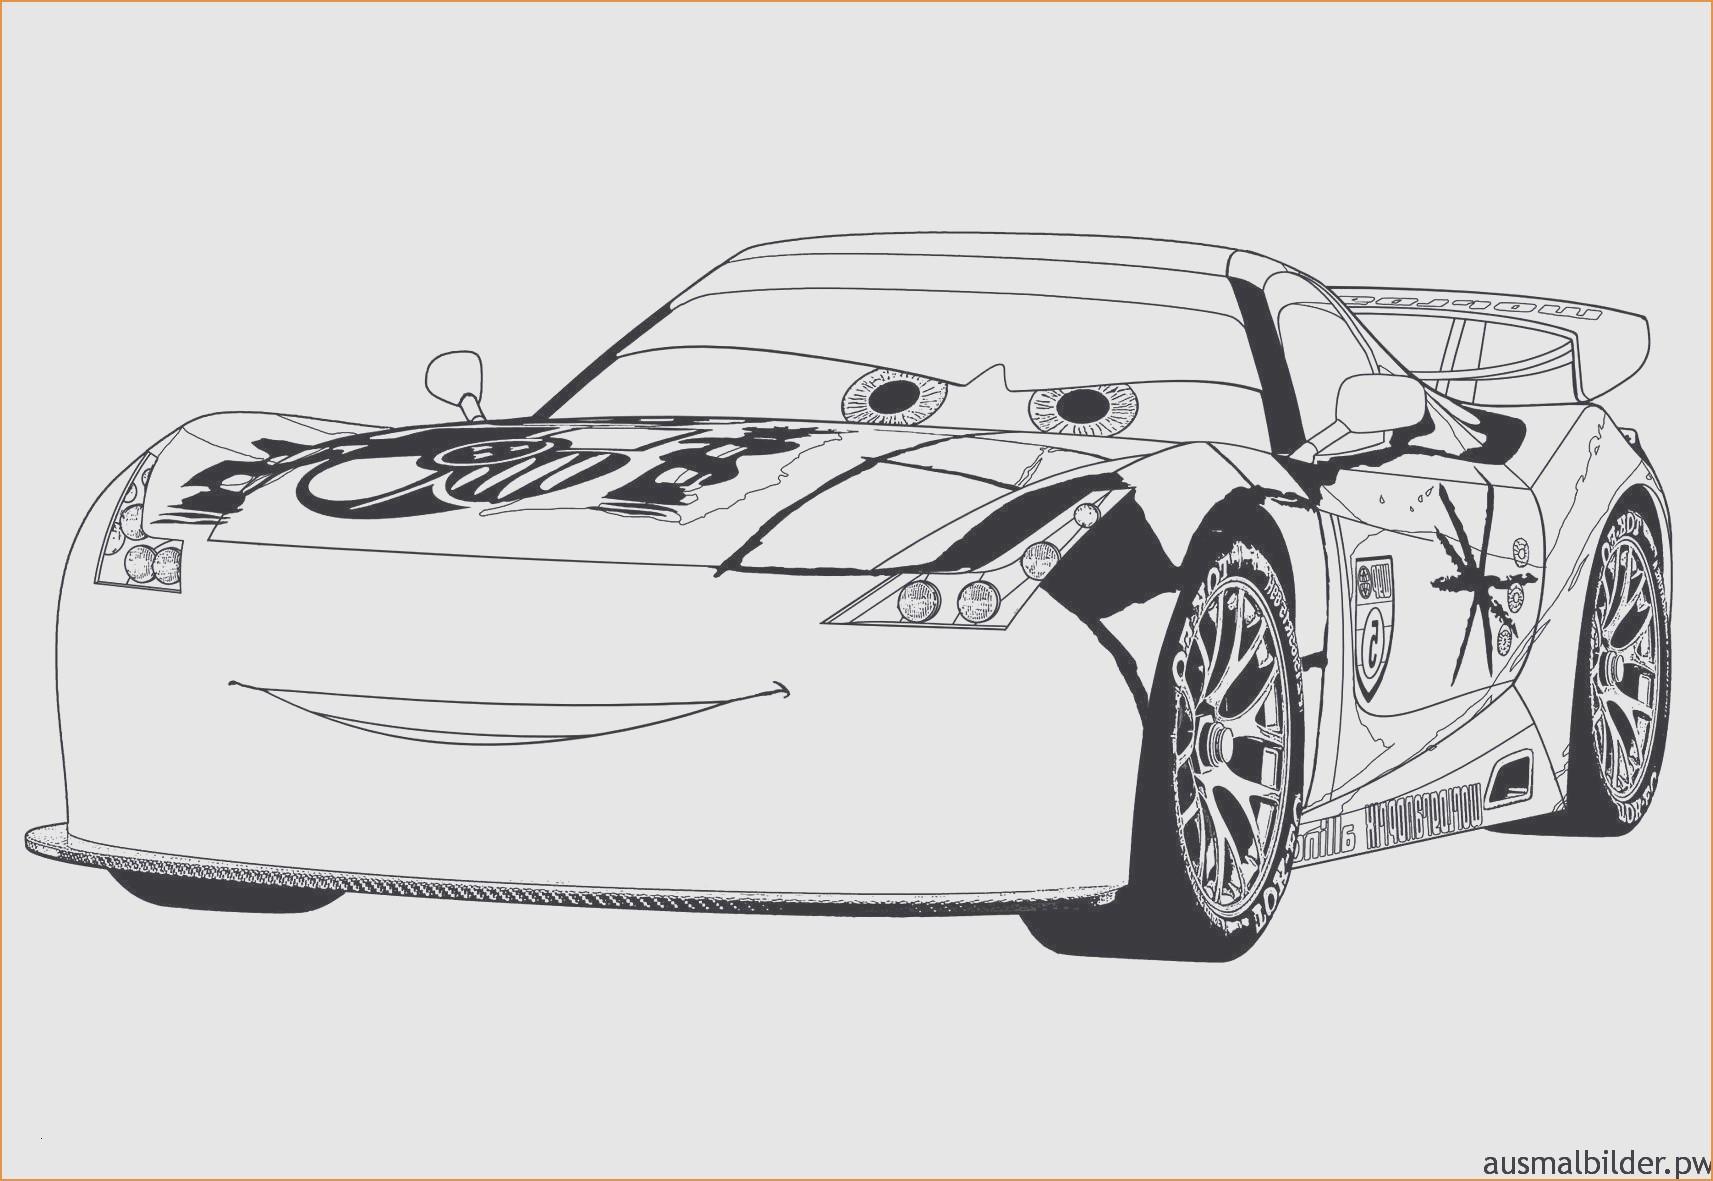 Totenkopf Bilder Zum Ausdrucken Kostenlos Einzigartig Bugatti Ausmalbilder Schön Bugatti Racing New 40 Ausmalbilder Bilder